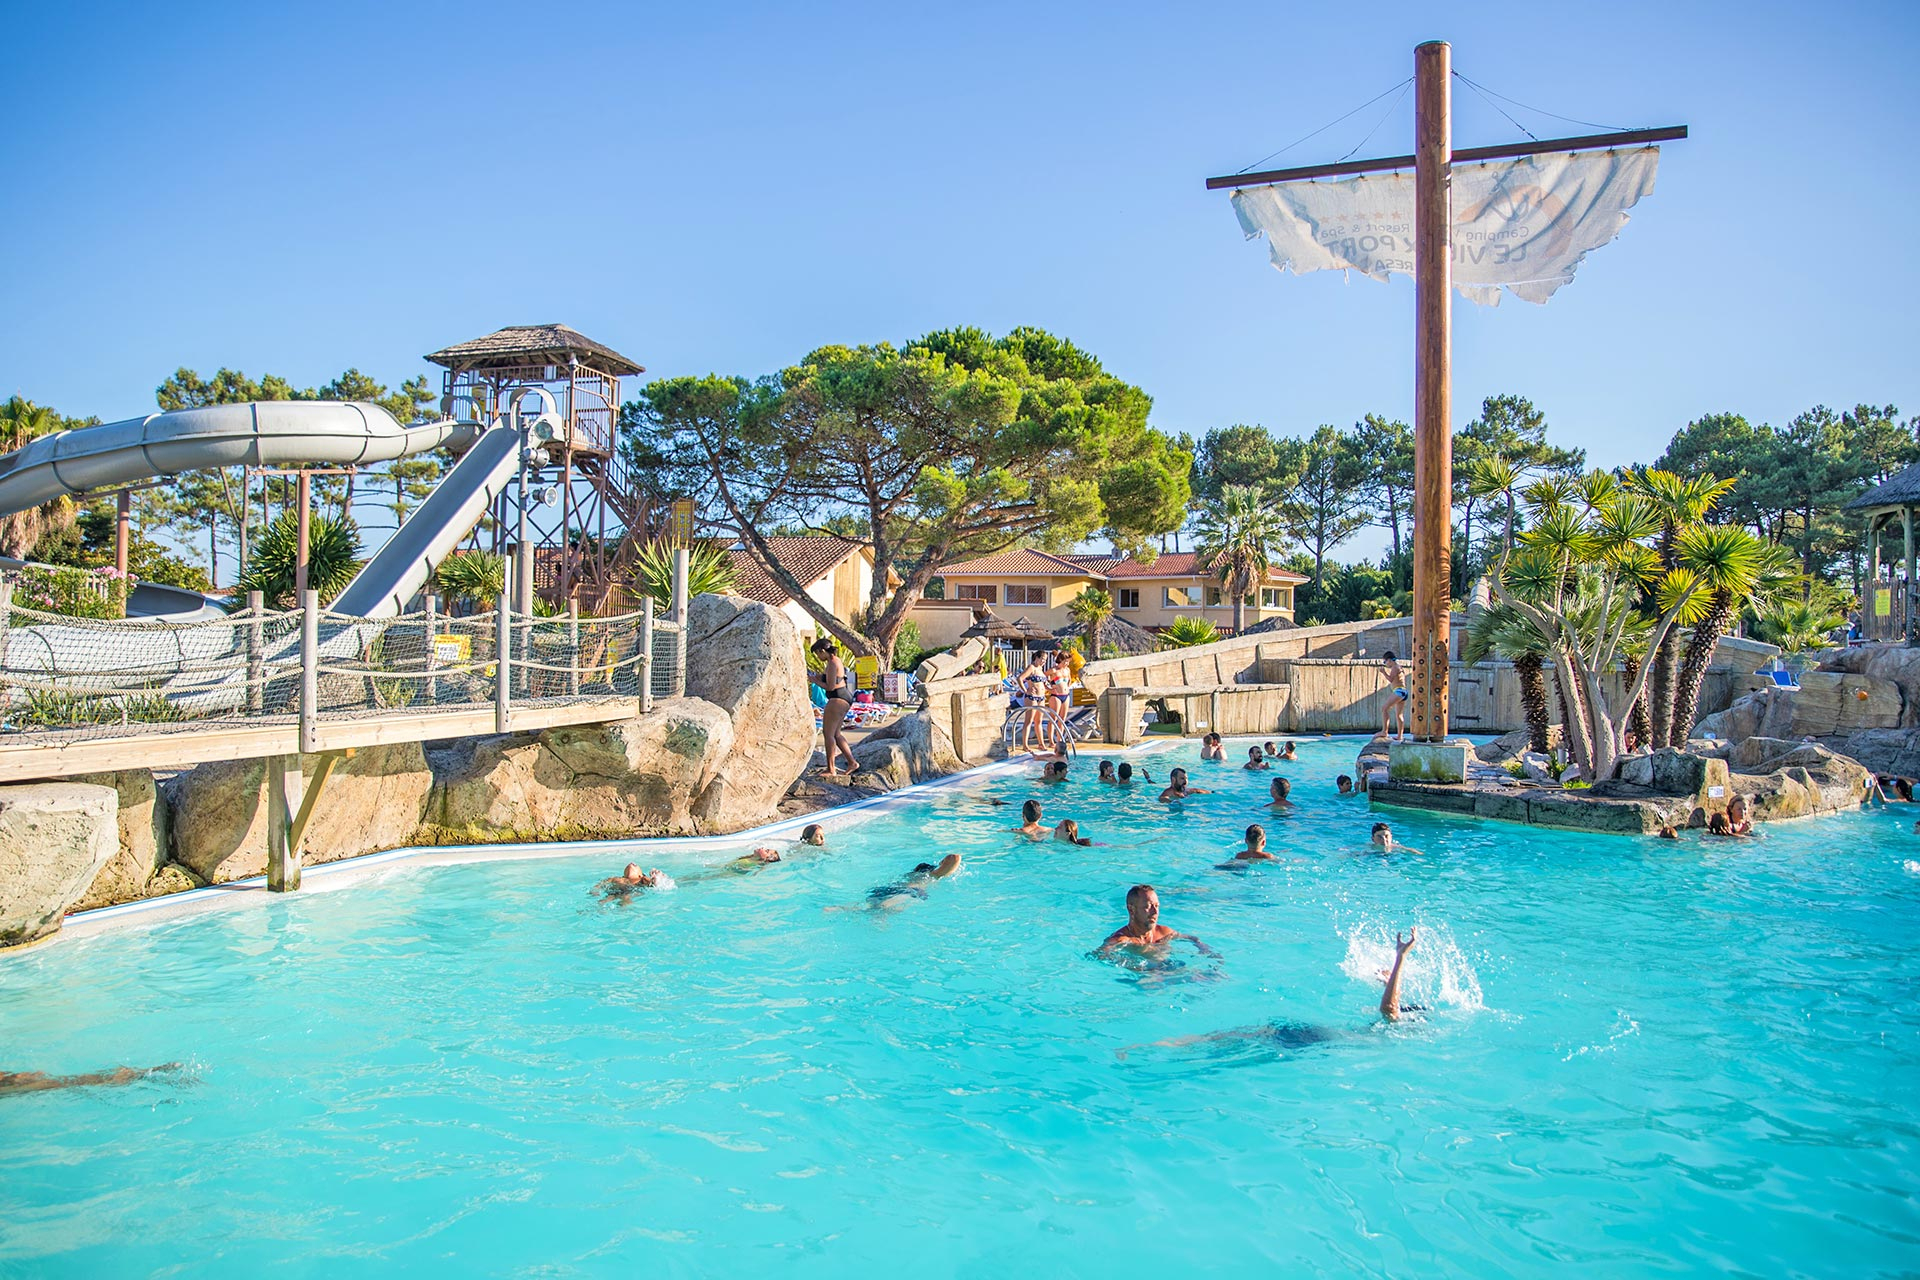 Camping Le Vieux Port ***** - Locations De Vacances Landes ... dedans Camping Vieux Boucau Avec Piscine